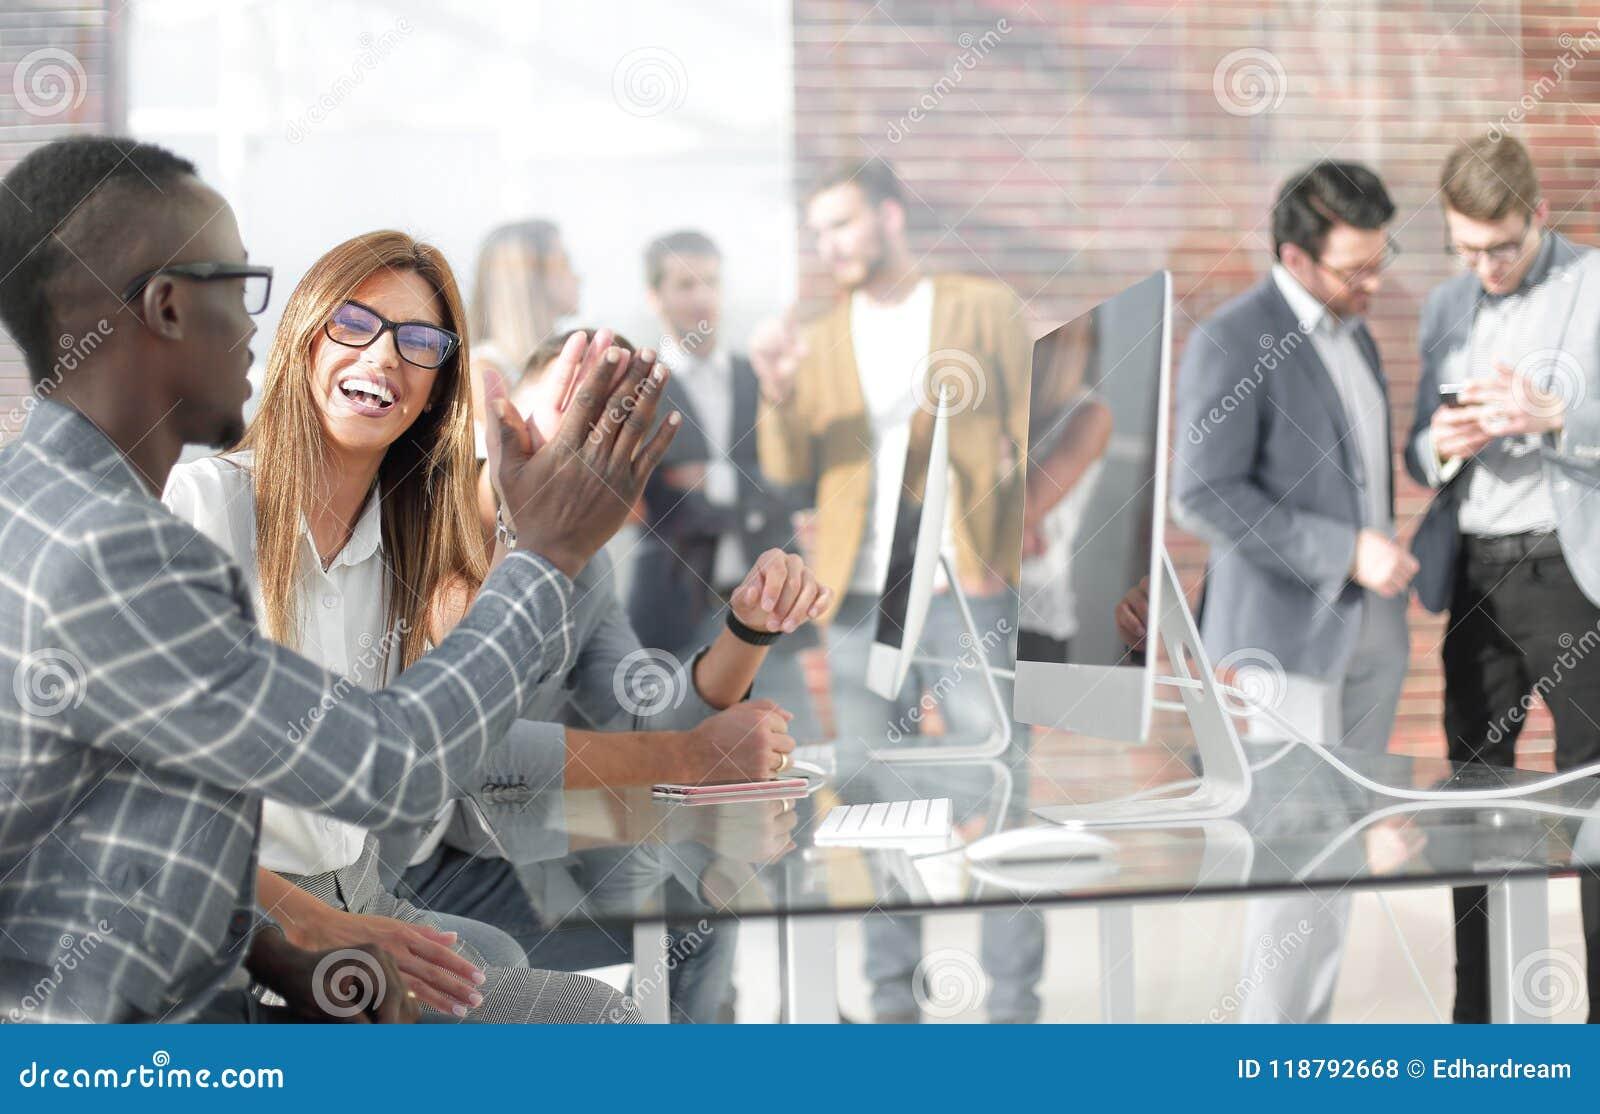 Pracownicy firma trzymają odprawę w biurze